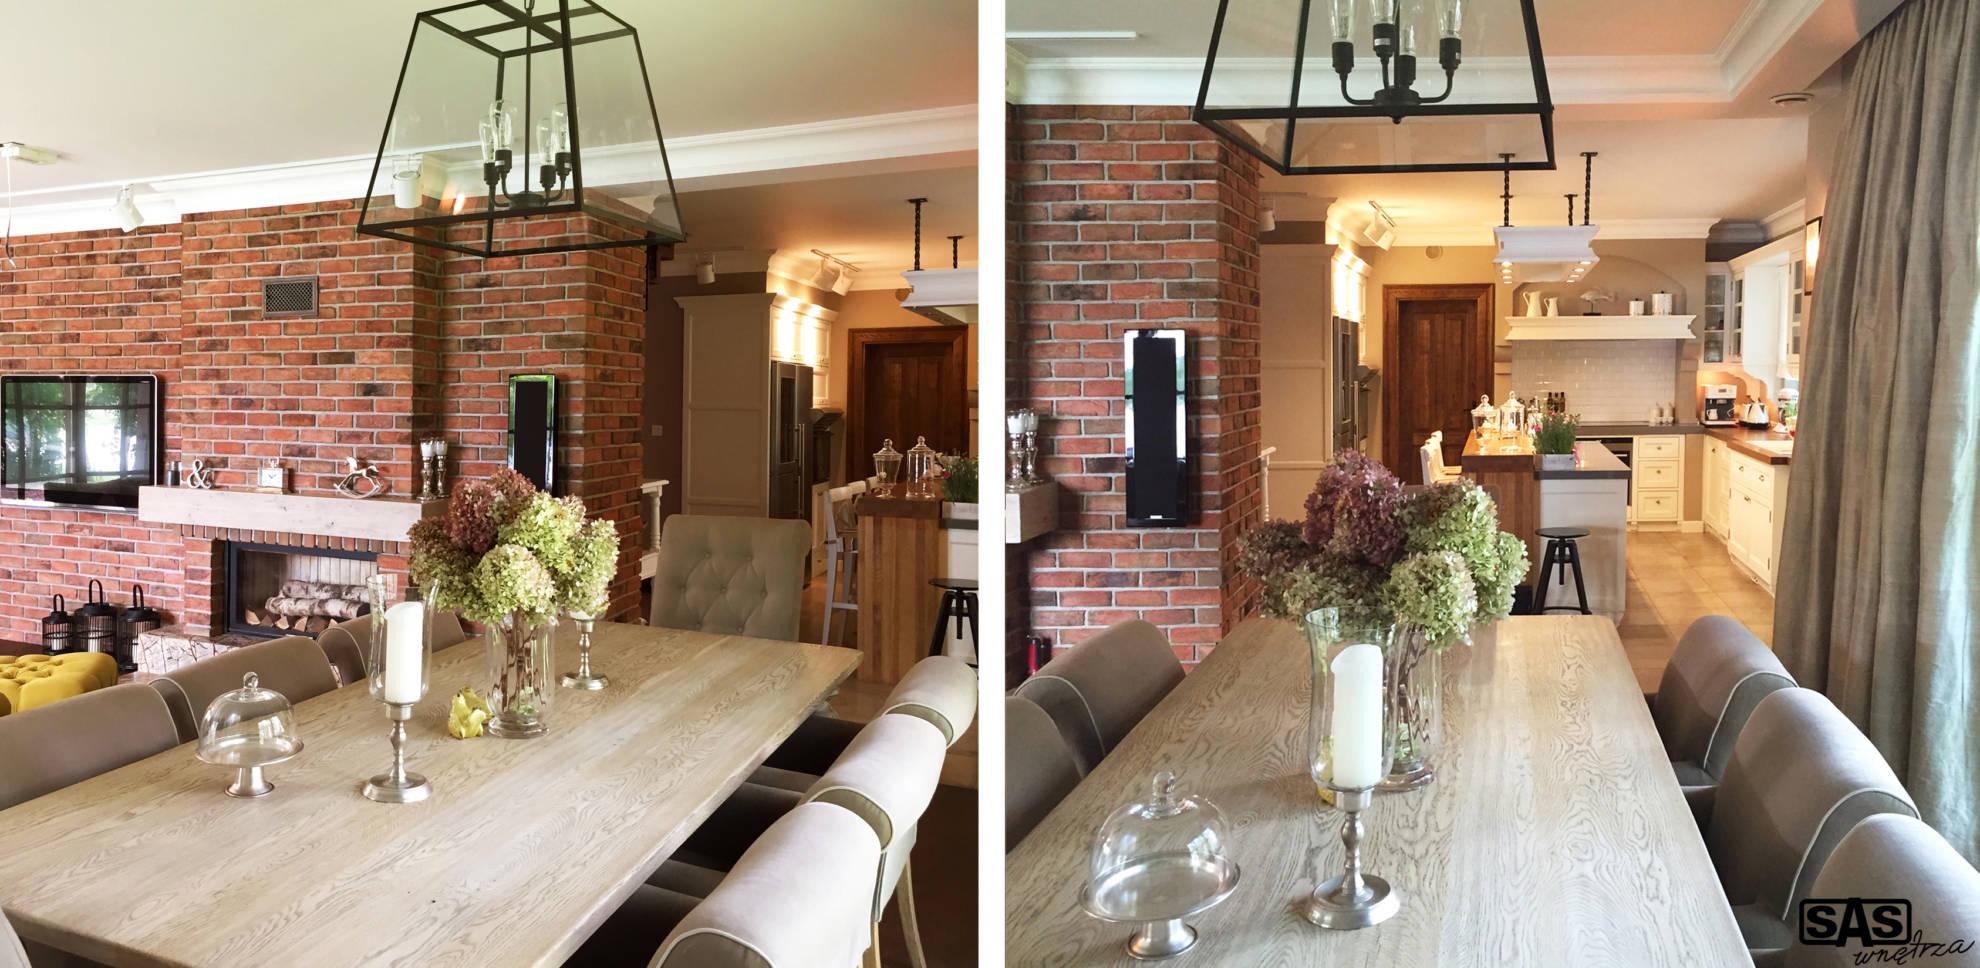 Aranżacja salonu w domu jednorodzinnym - projekt architekt wnętrz Emilia Strzempek Plasun.